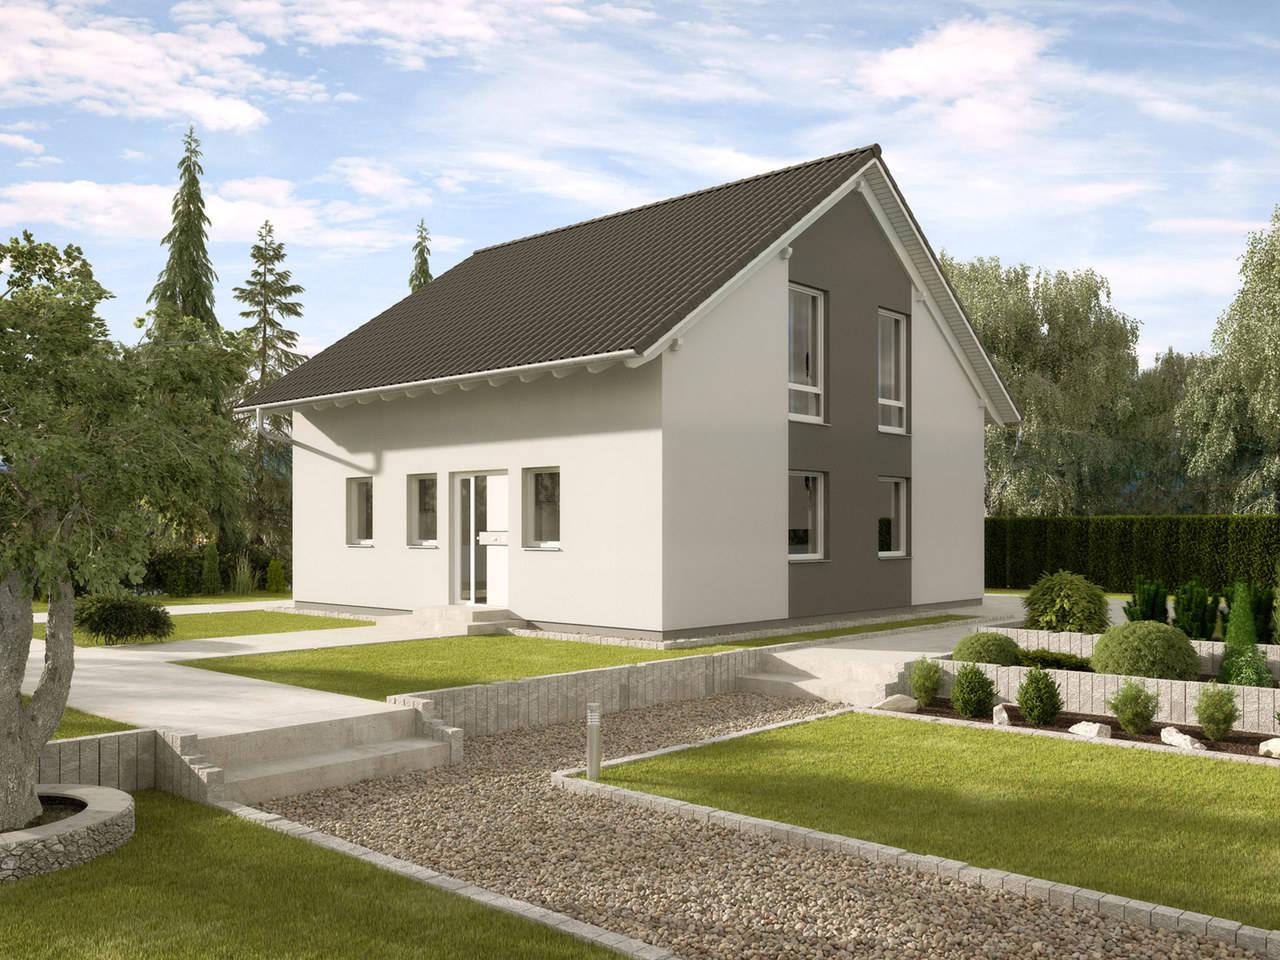 Einfamilienhaus Buchenallee Variante 3 von GUSSEK HAUS